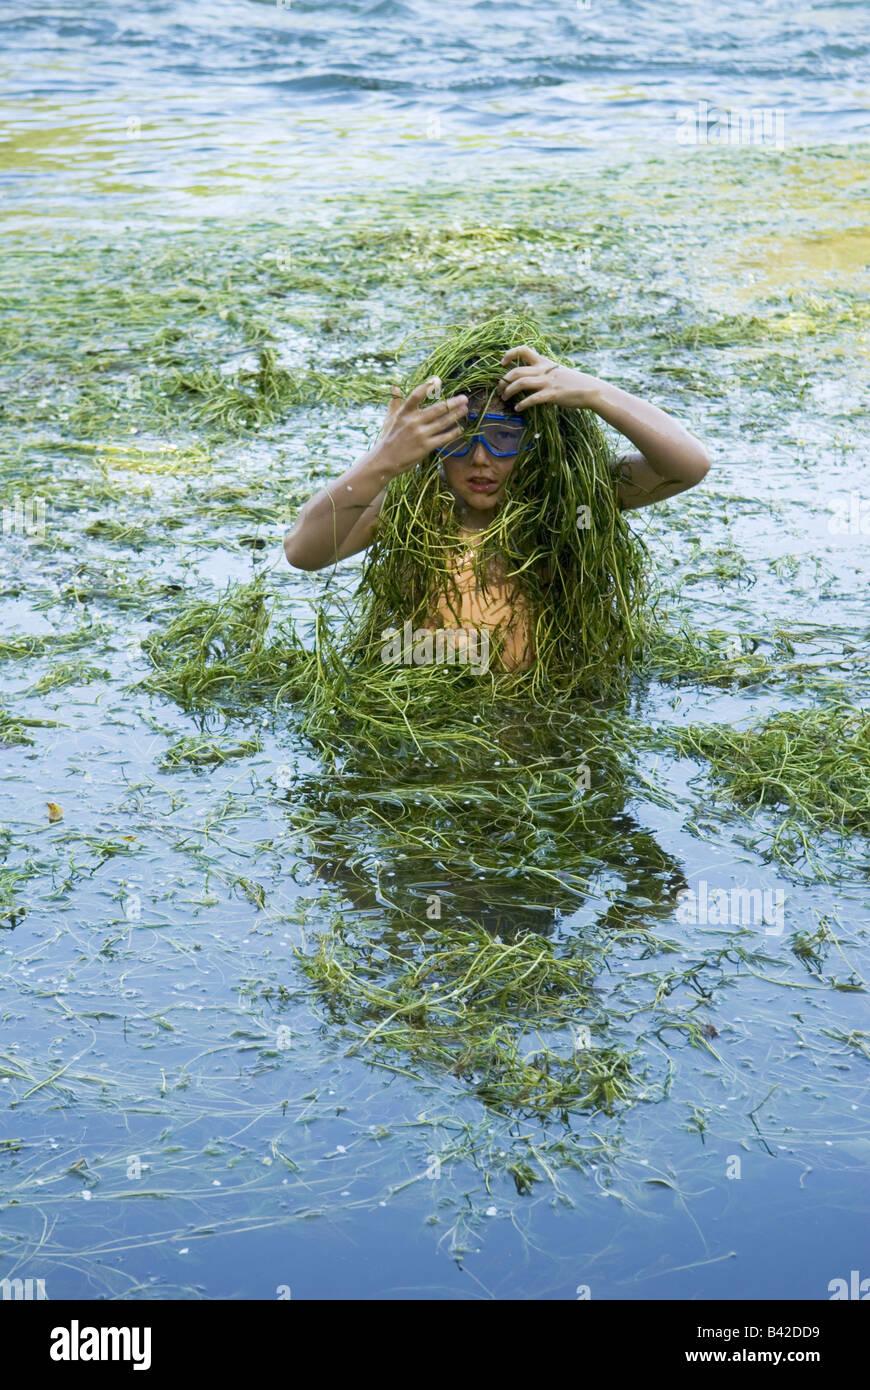 ein kleiner Junge bis zur Taille im Fluss deckt sich in Unkraut während eines Spiels Stockbild